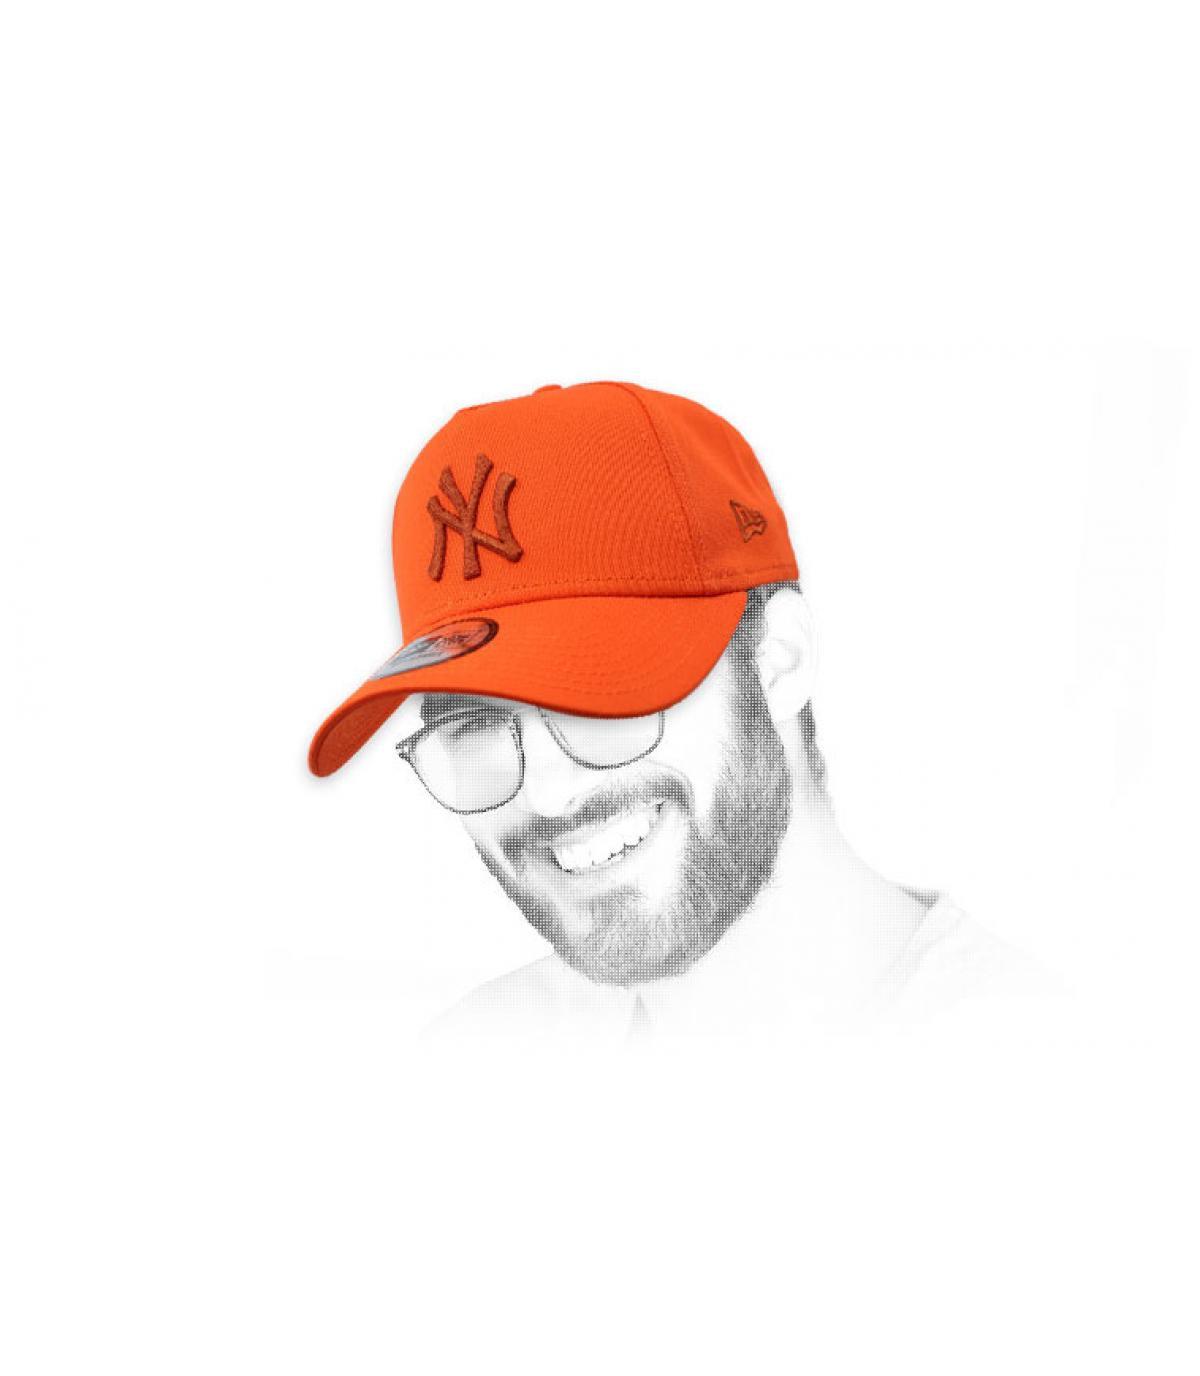 orange NY cap Aframe